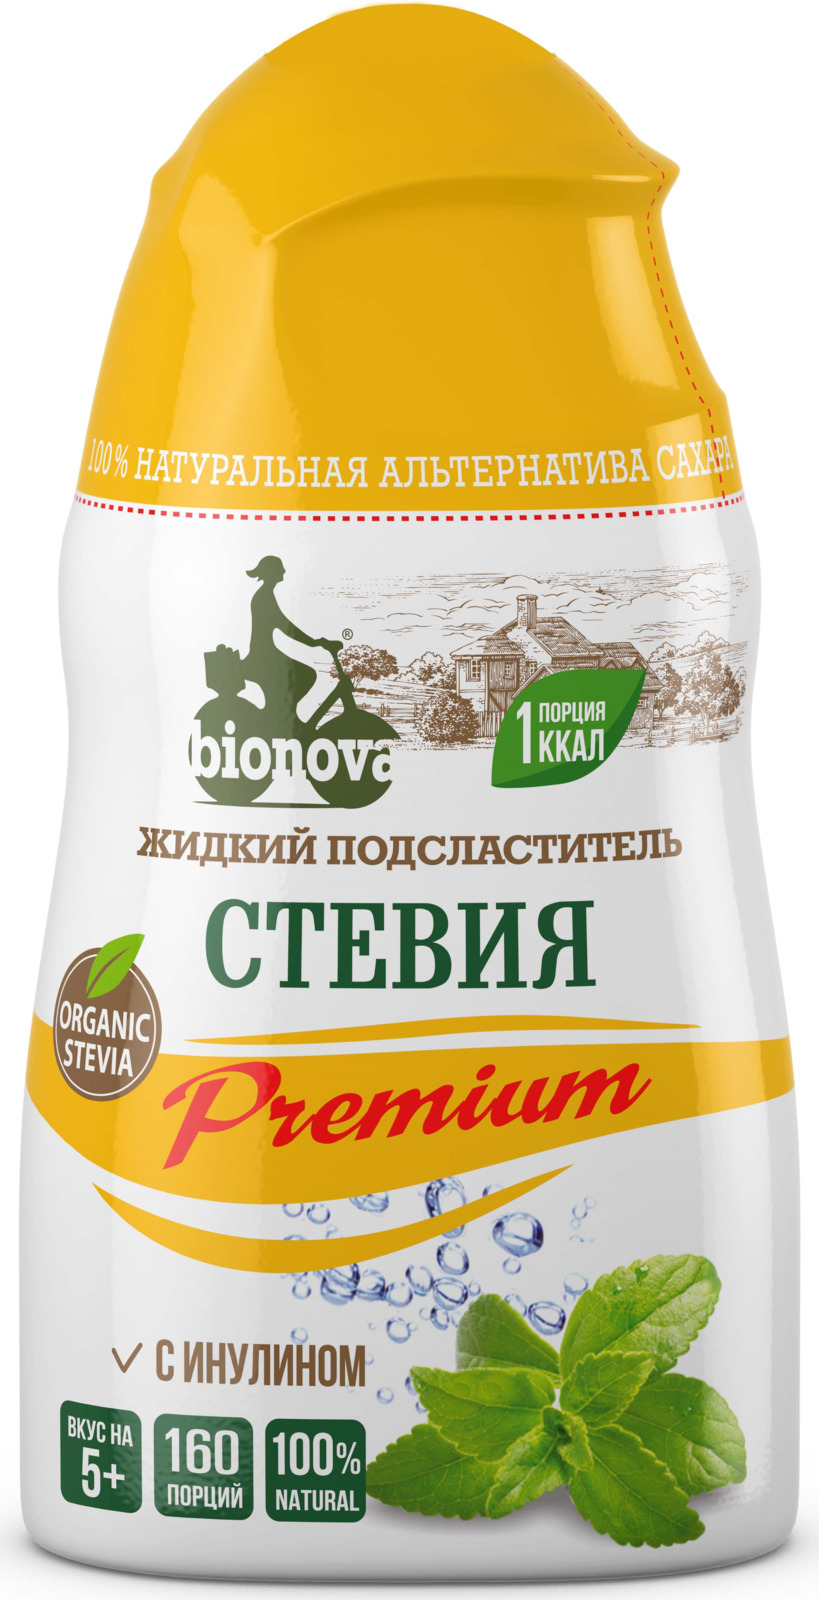 Сахарозаменитель Bionova Стевия Premium жидкий, 80 г bio tradition стевия натуральный заменитель сахара 30 г